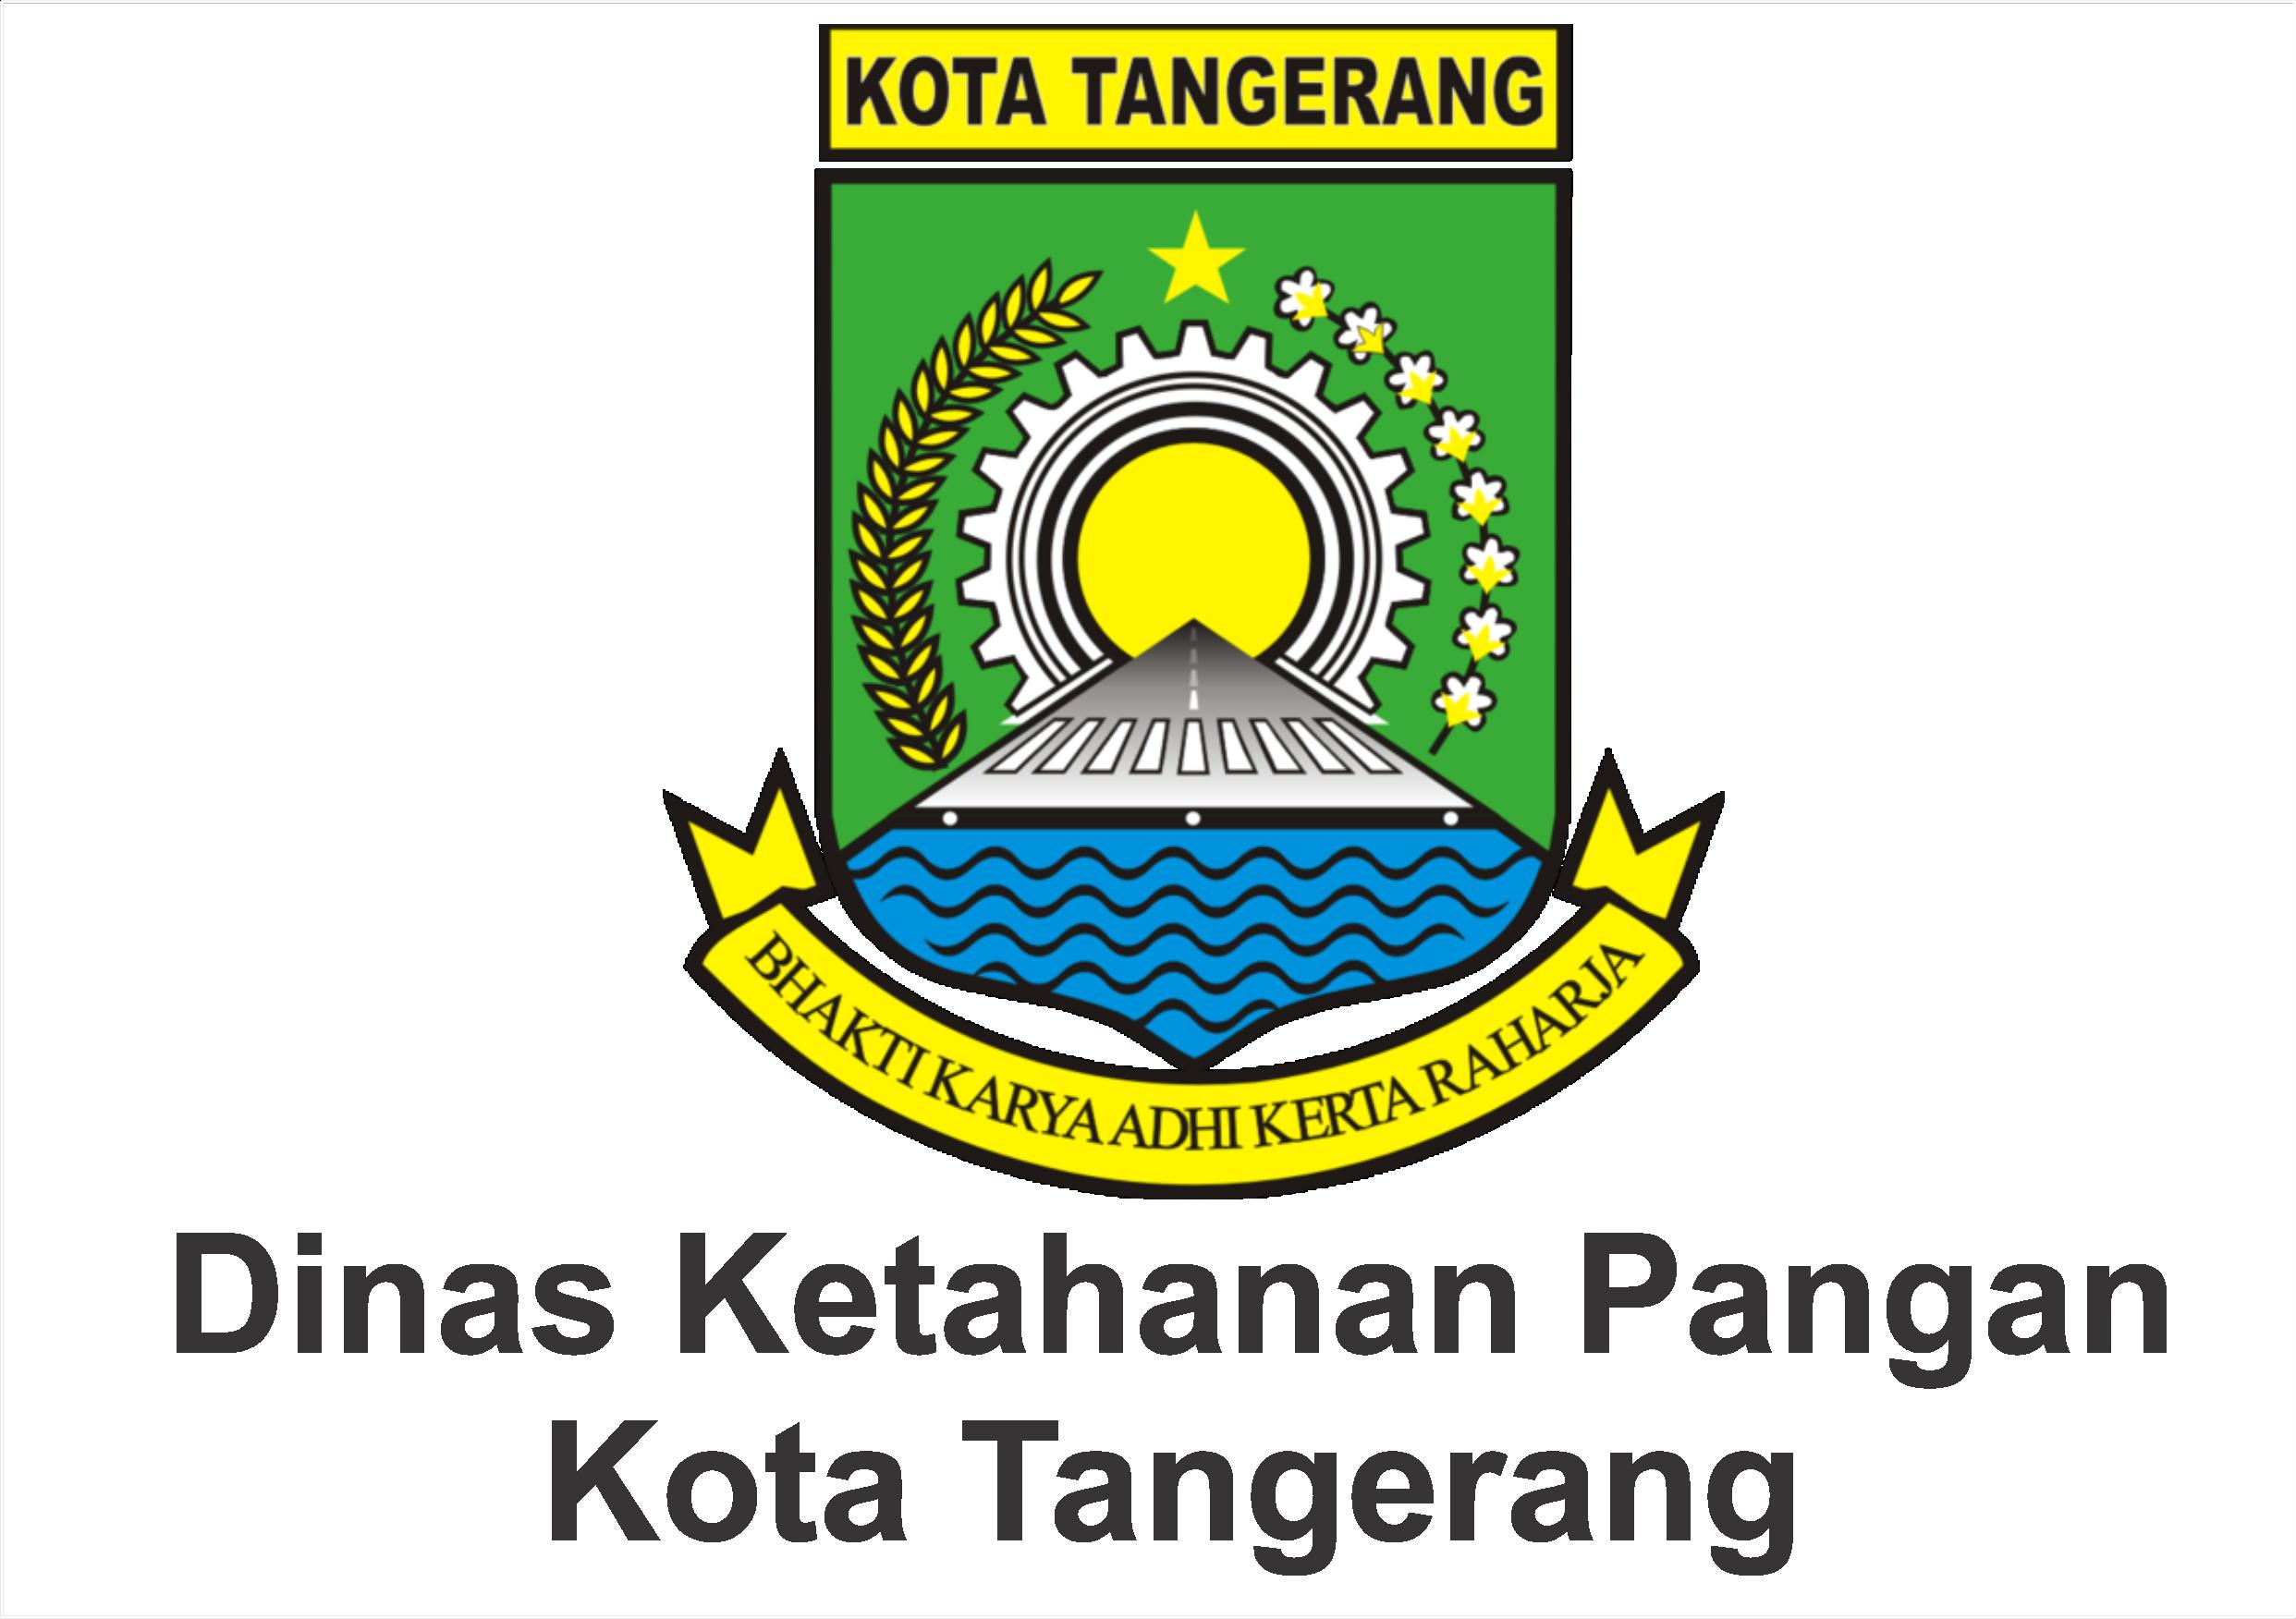 Dinas Ketahanan Pangan Kota Tangerang